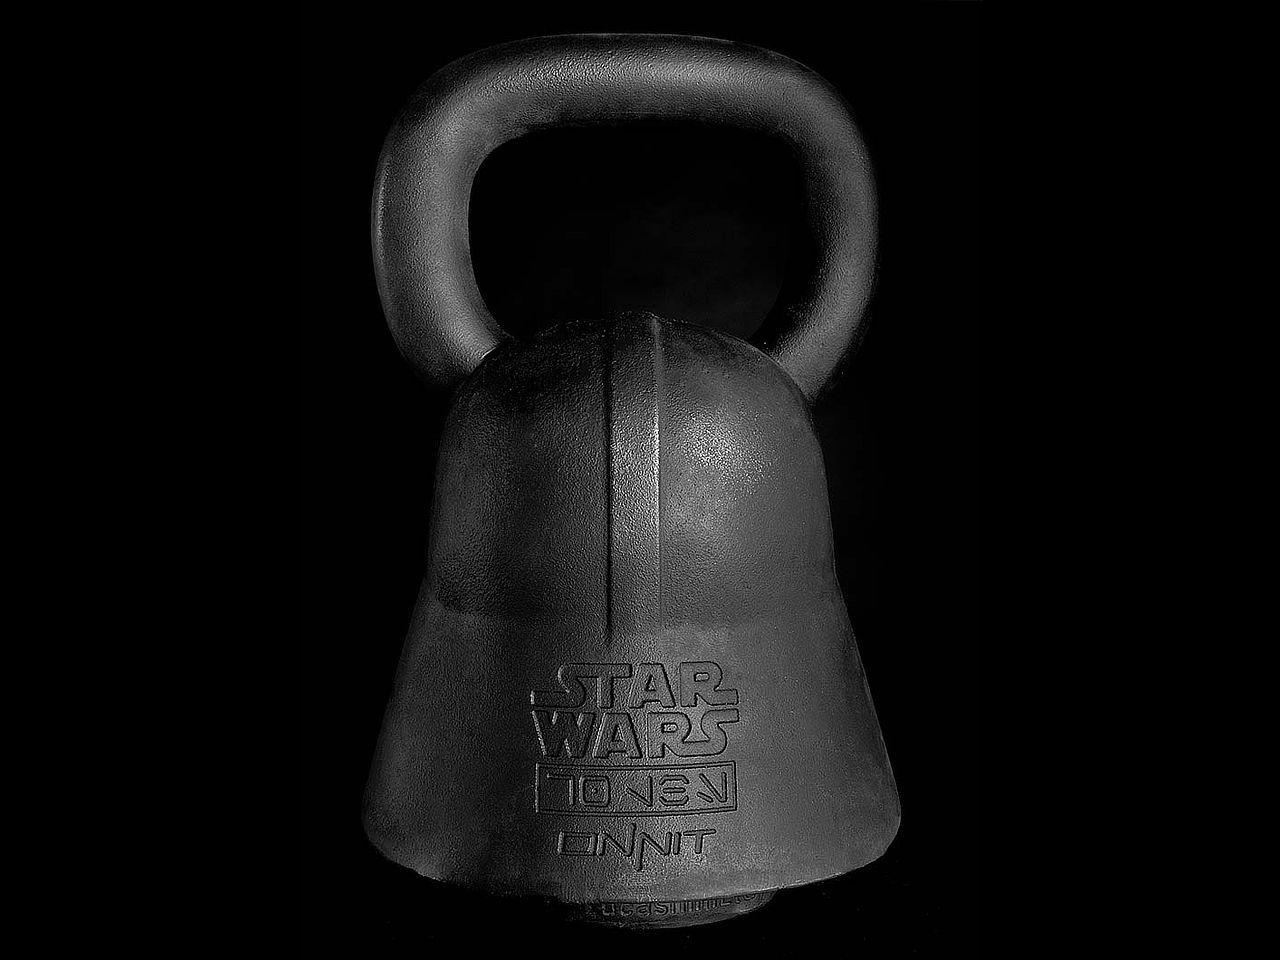 Star Wars Kettlebells - Darth Vader Back